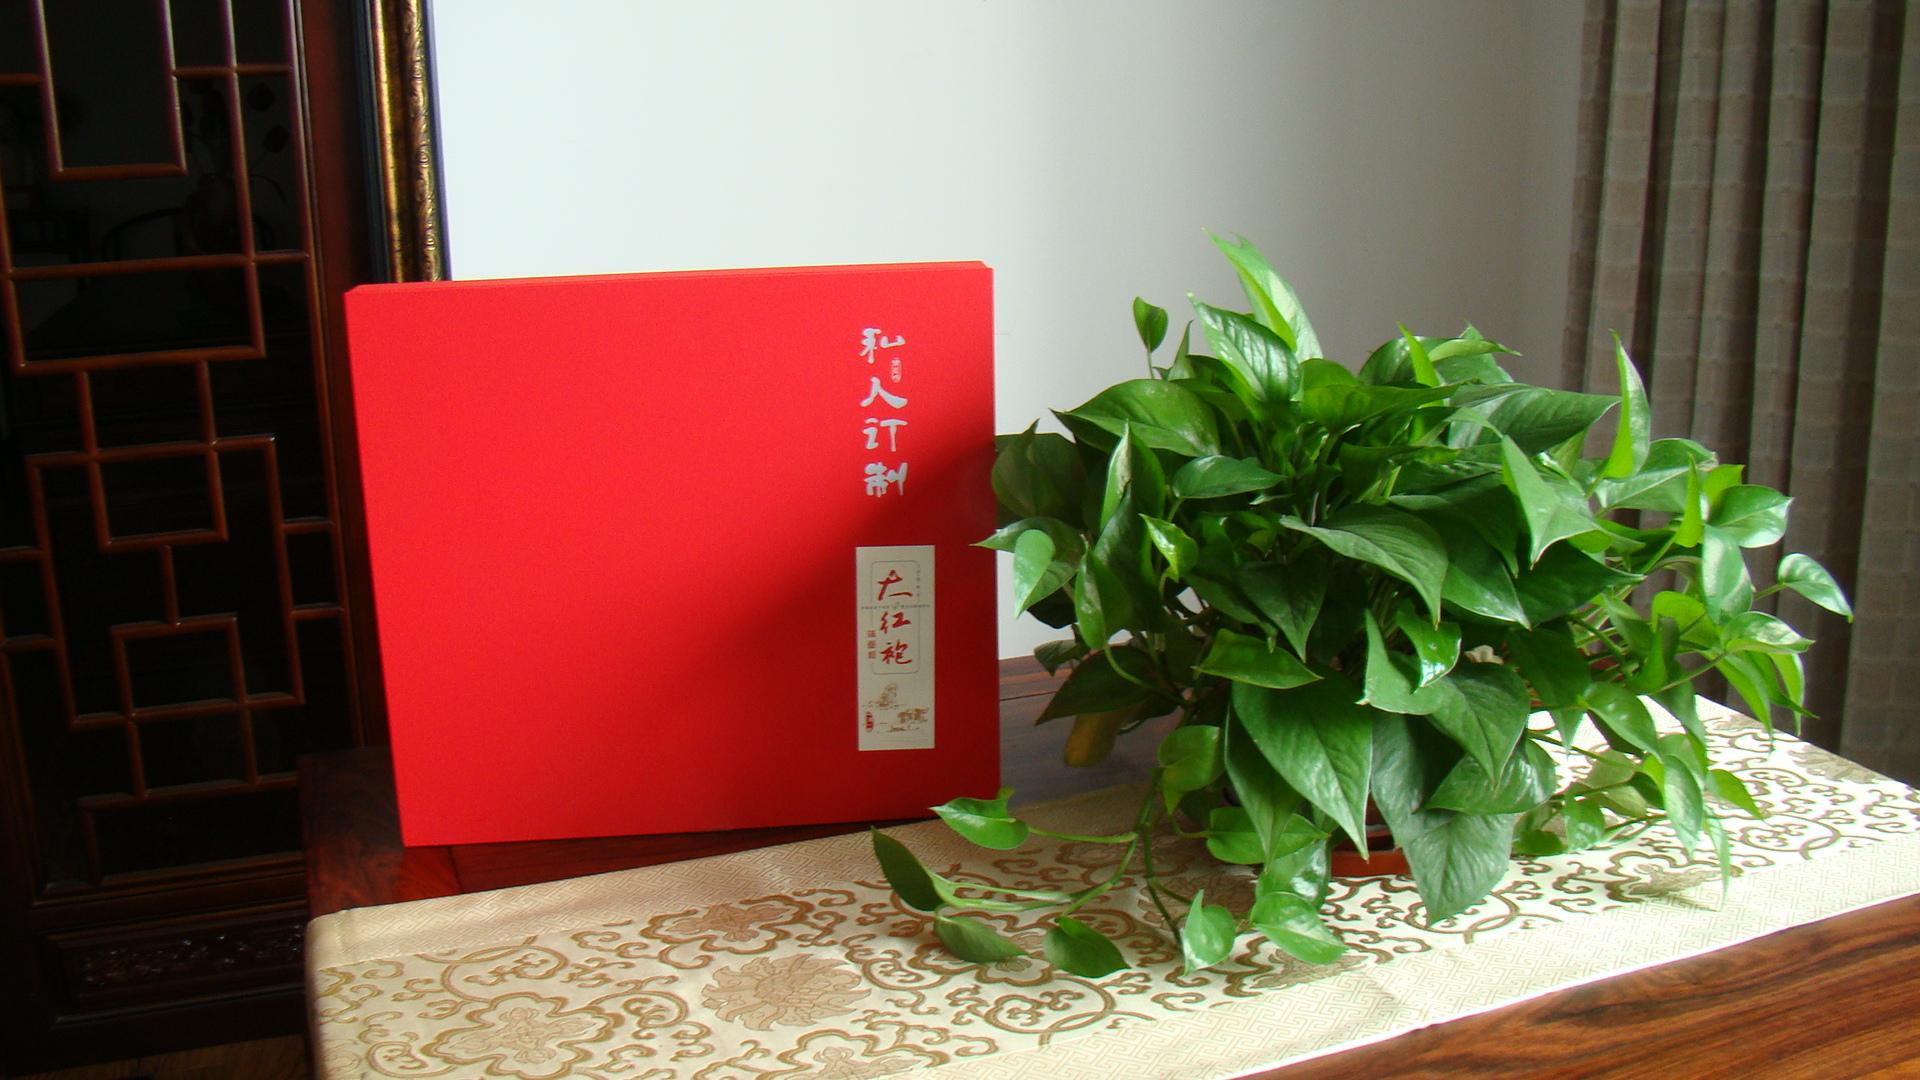 今日特价大红袍之满堂红